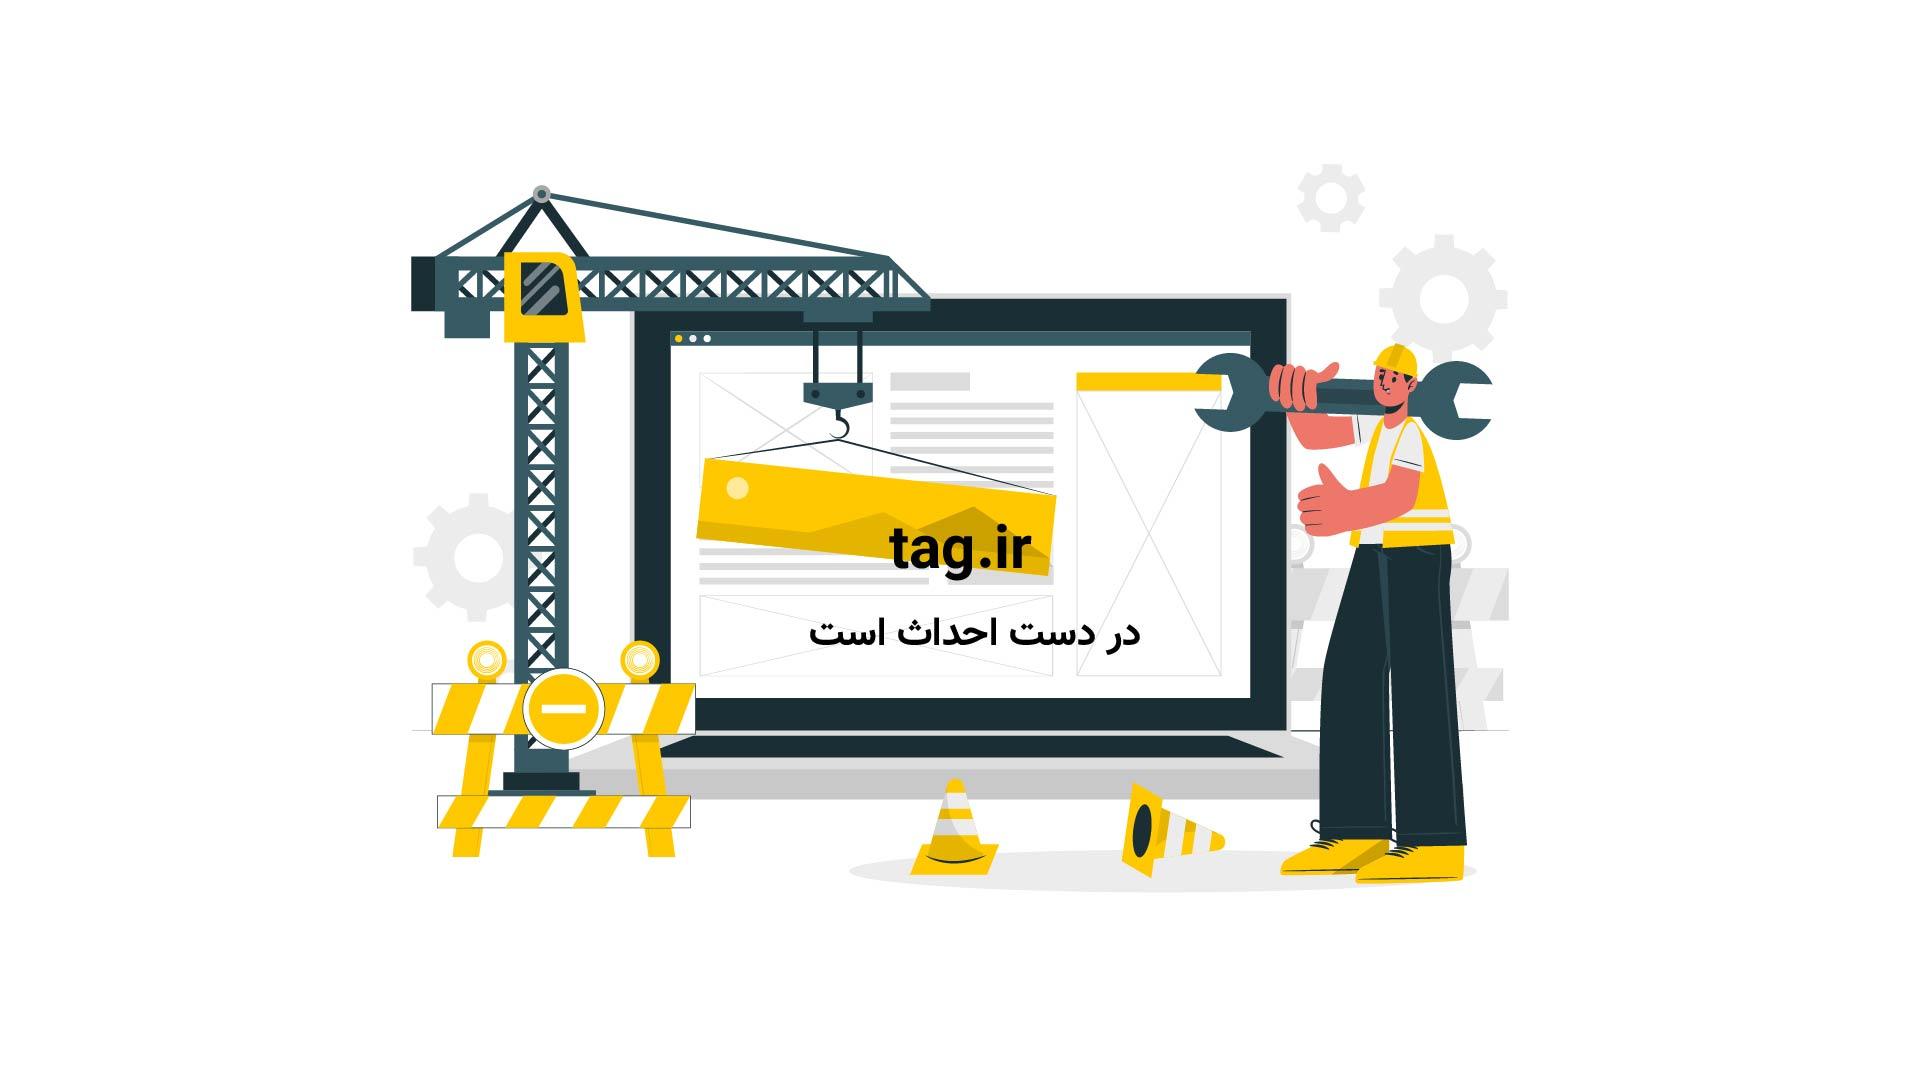 زلزله | تگ